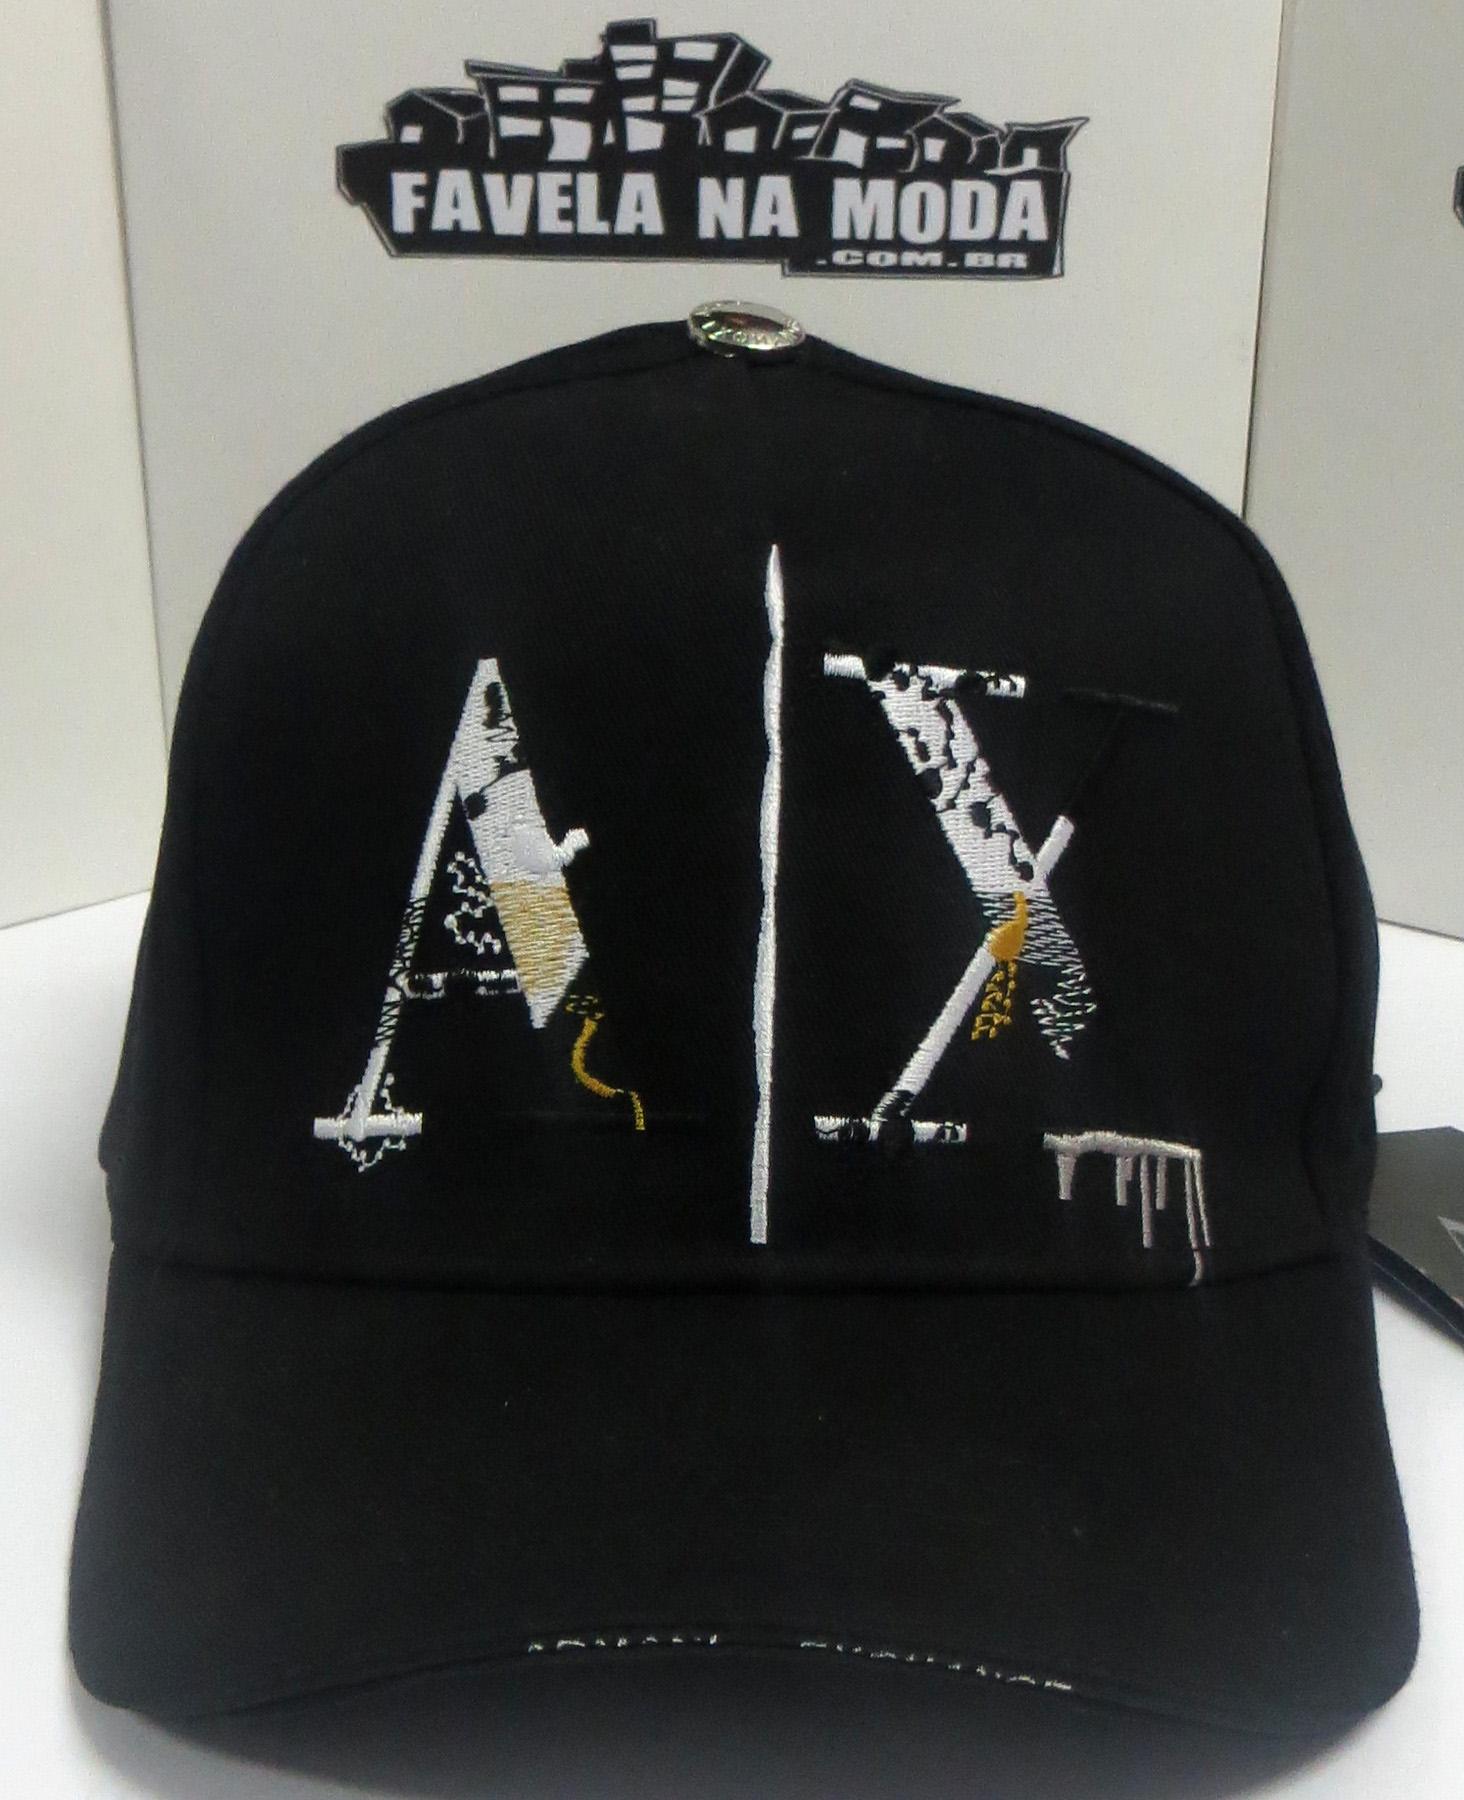 e712322063b29 Bonés - Armani Exchange - Favela na Moda Imports